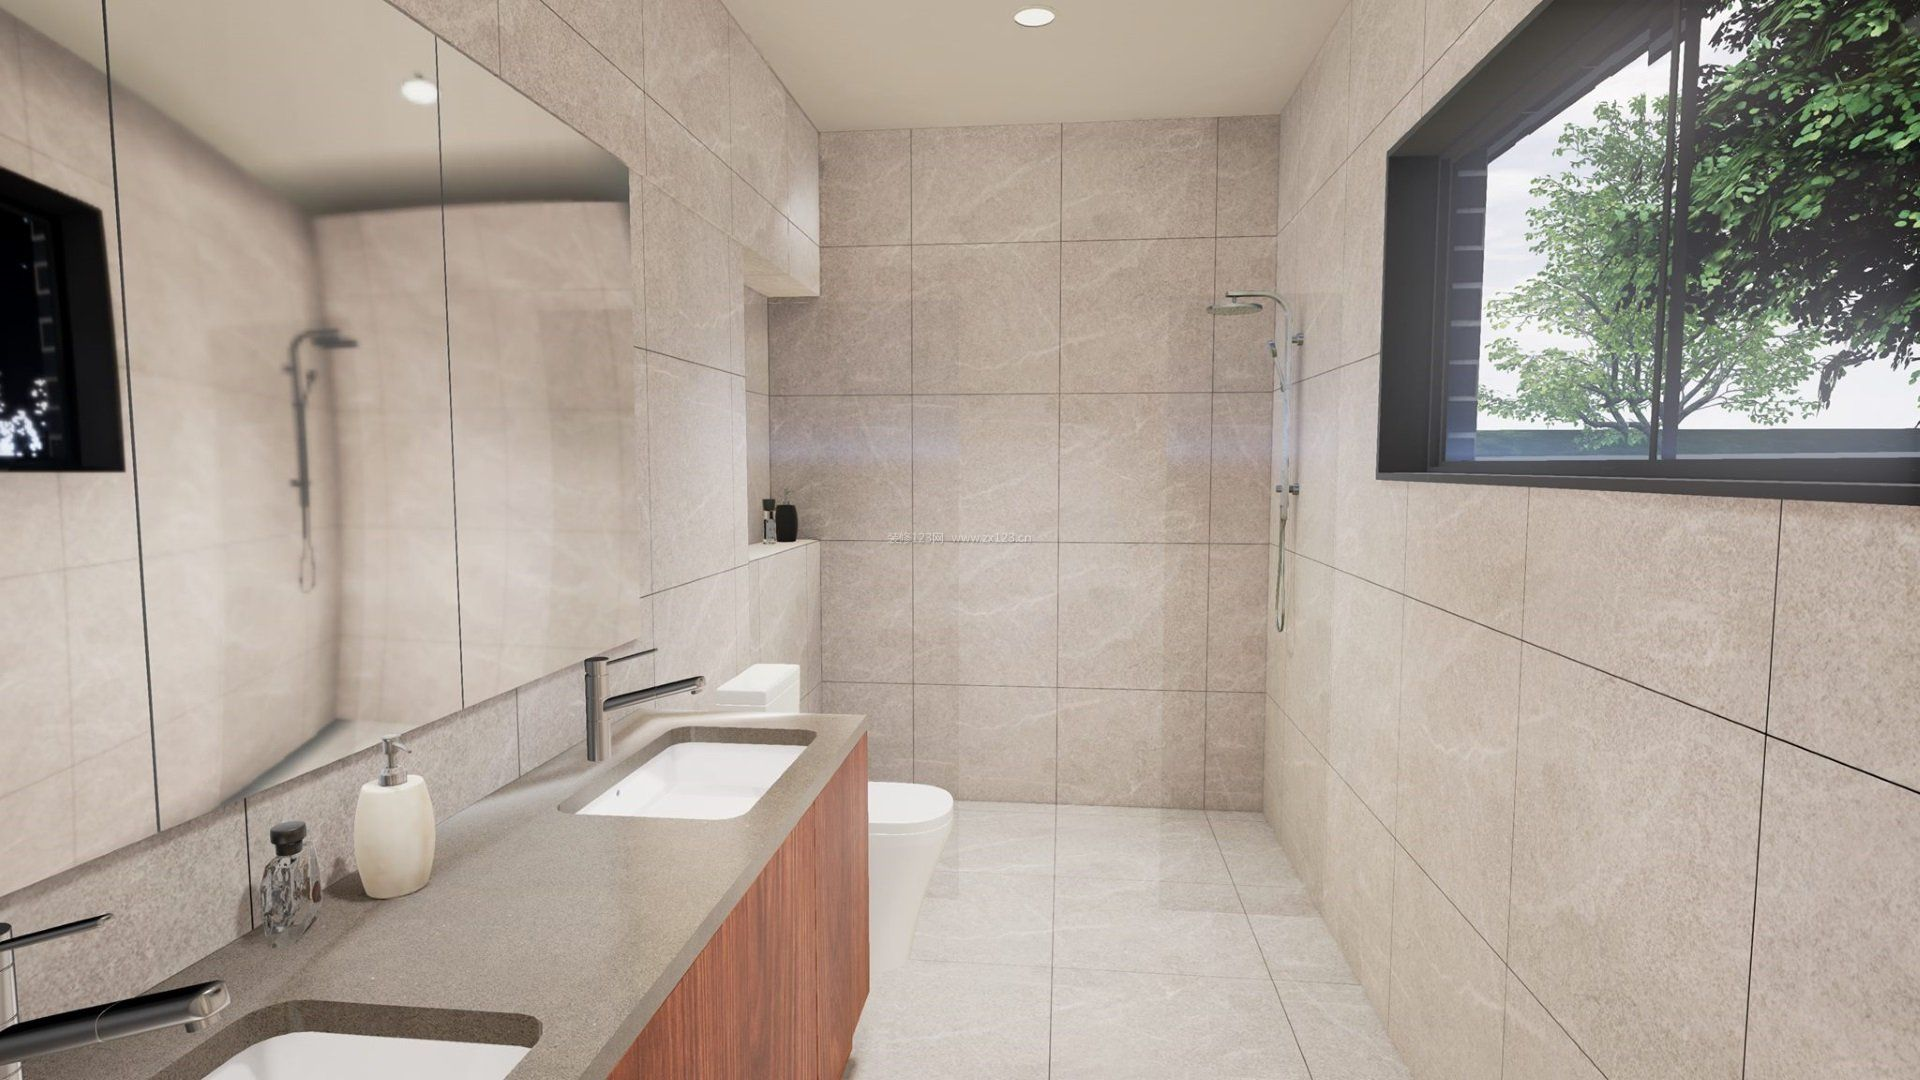 厕所 家居 设计 卫生间 卫生间装修 装修 1920_1080图片